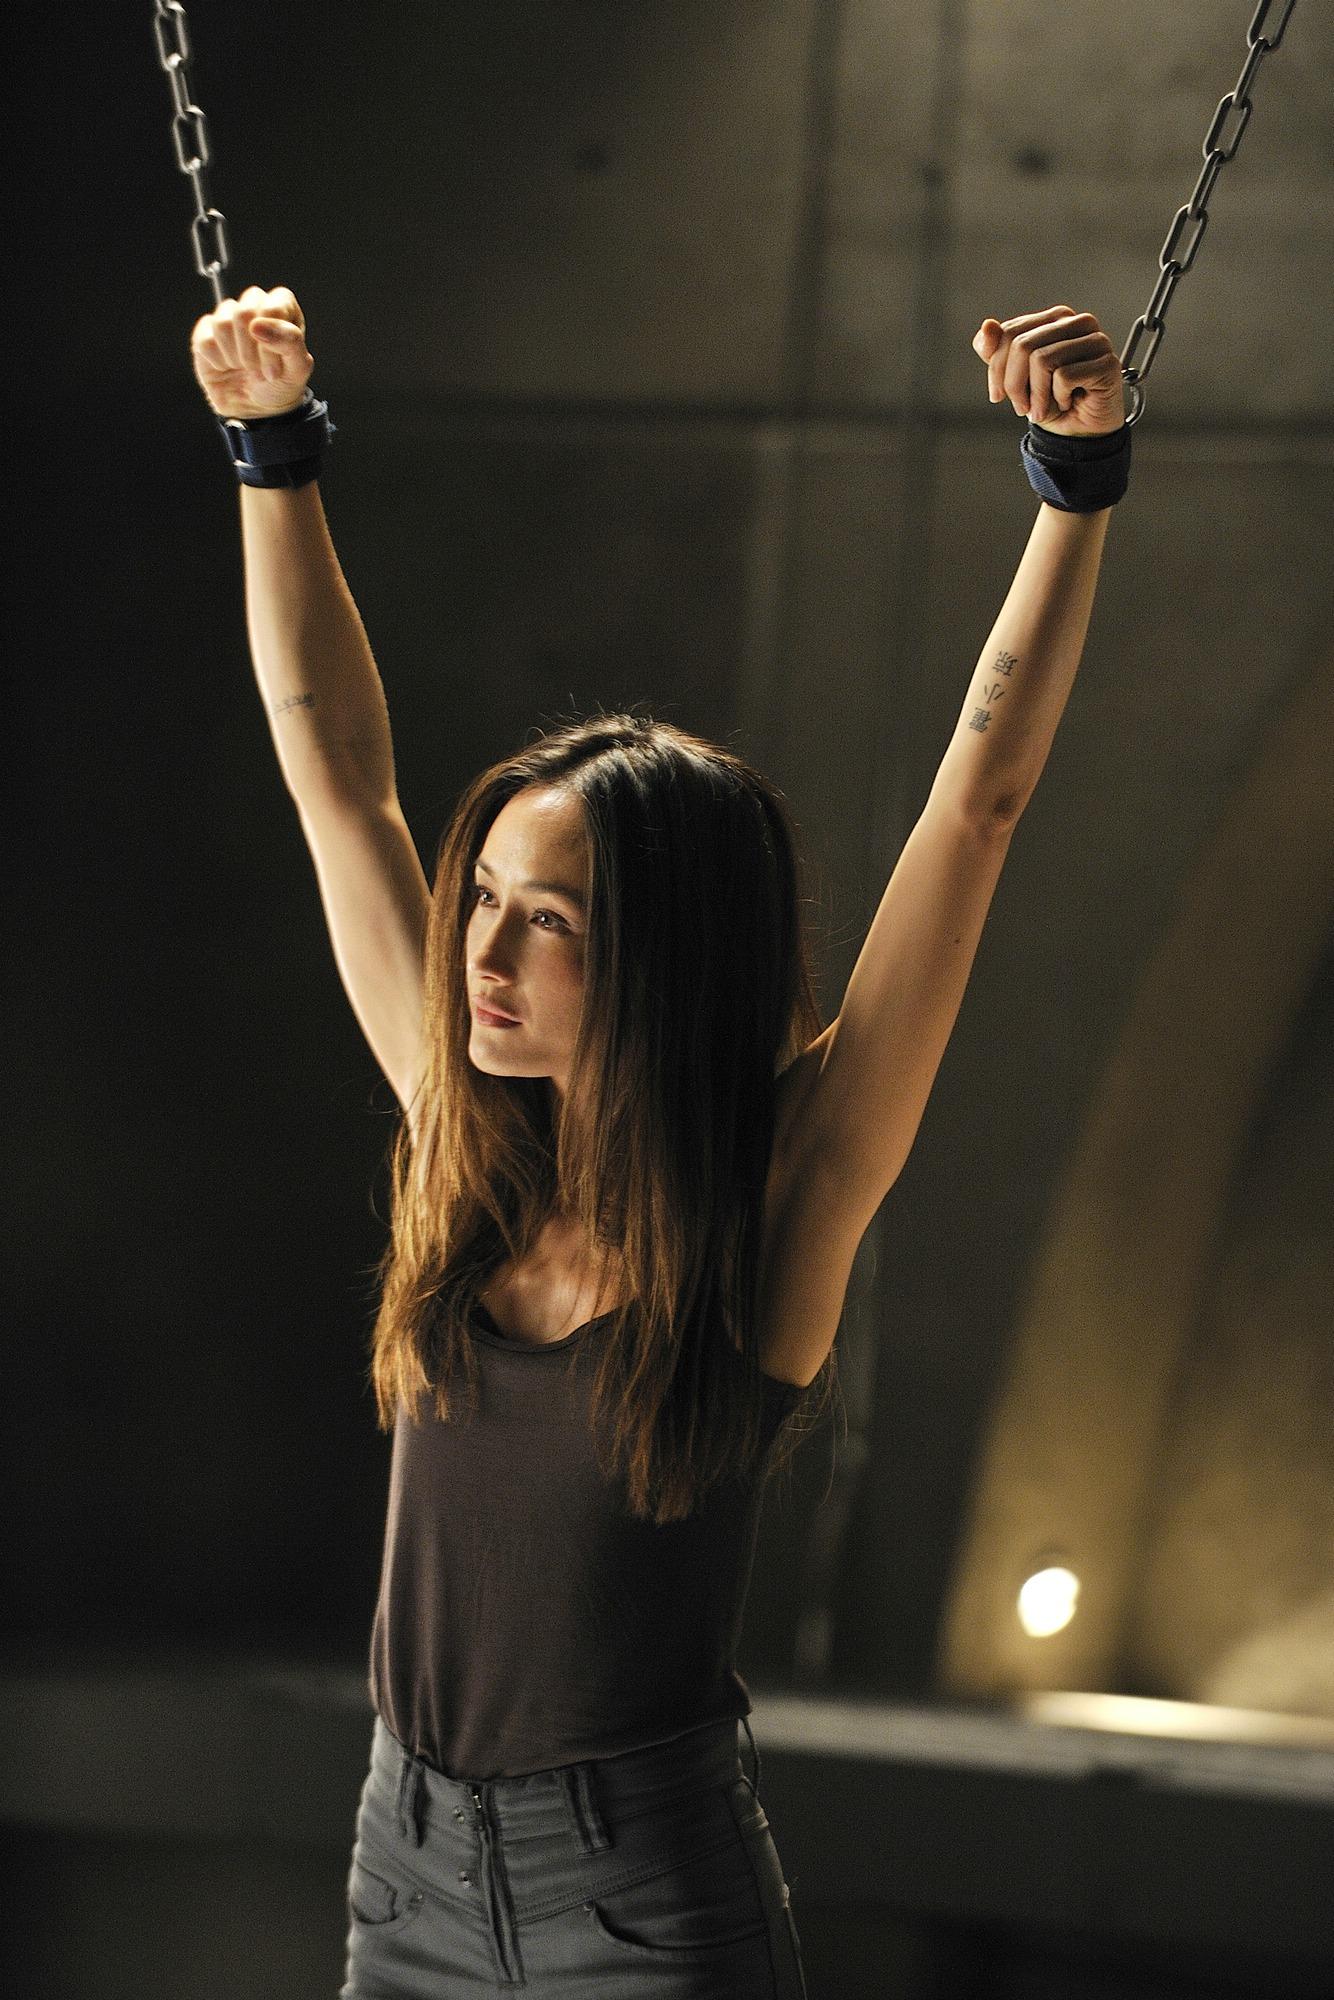 Maggie Q as Nikita Porno Photo - EPORNER